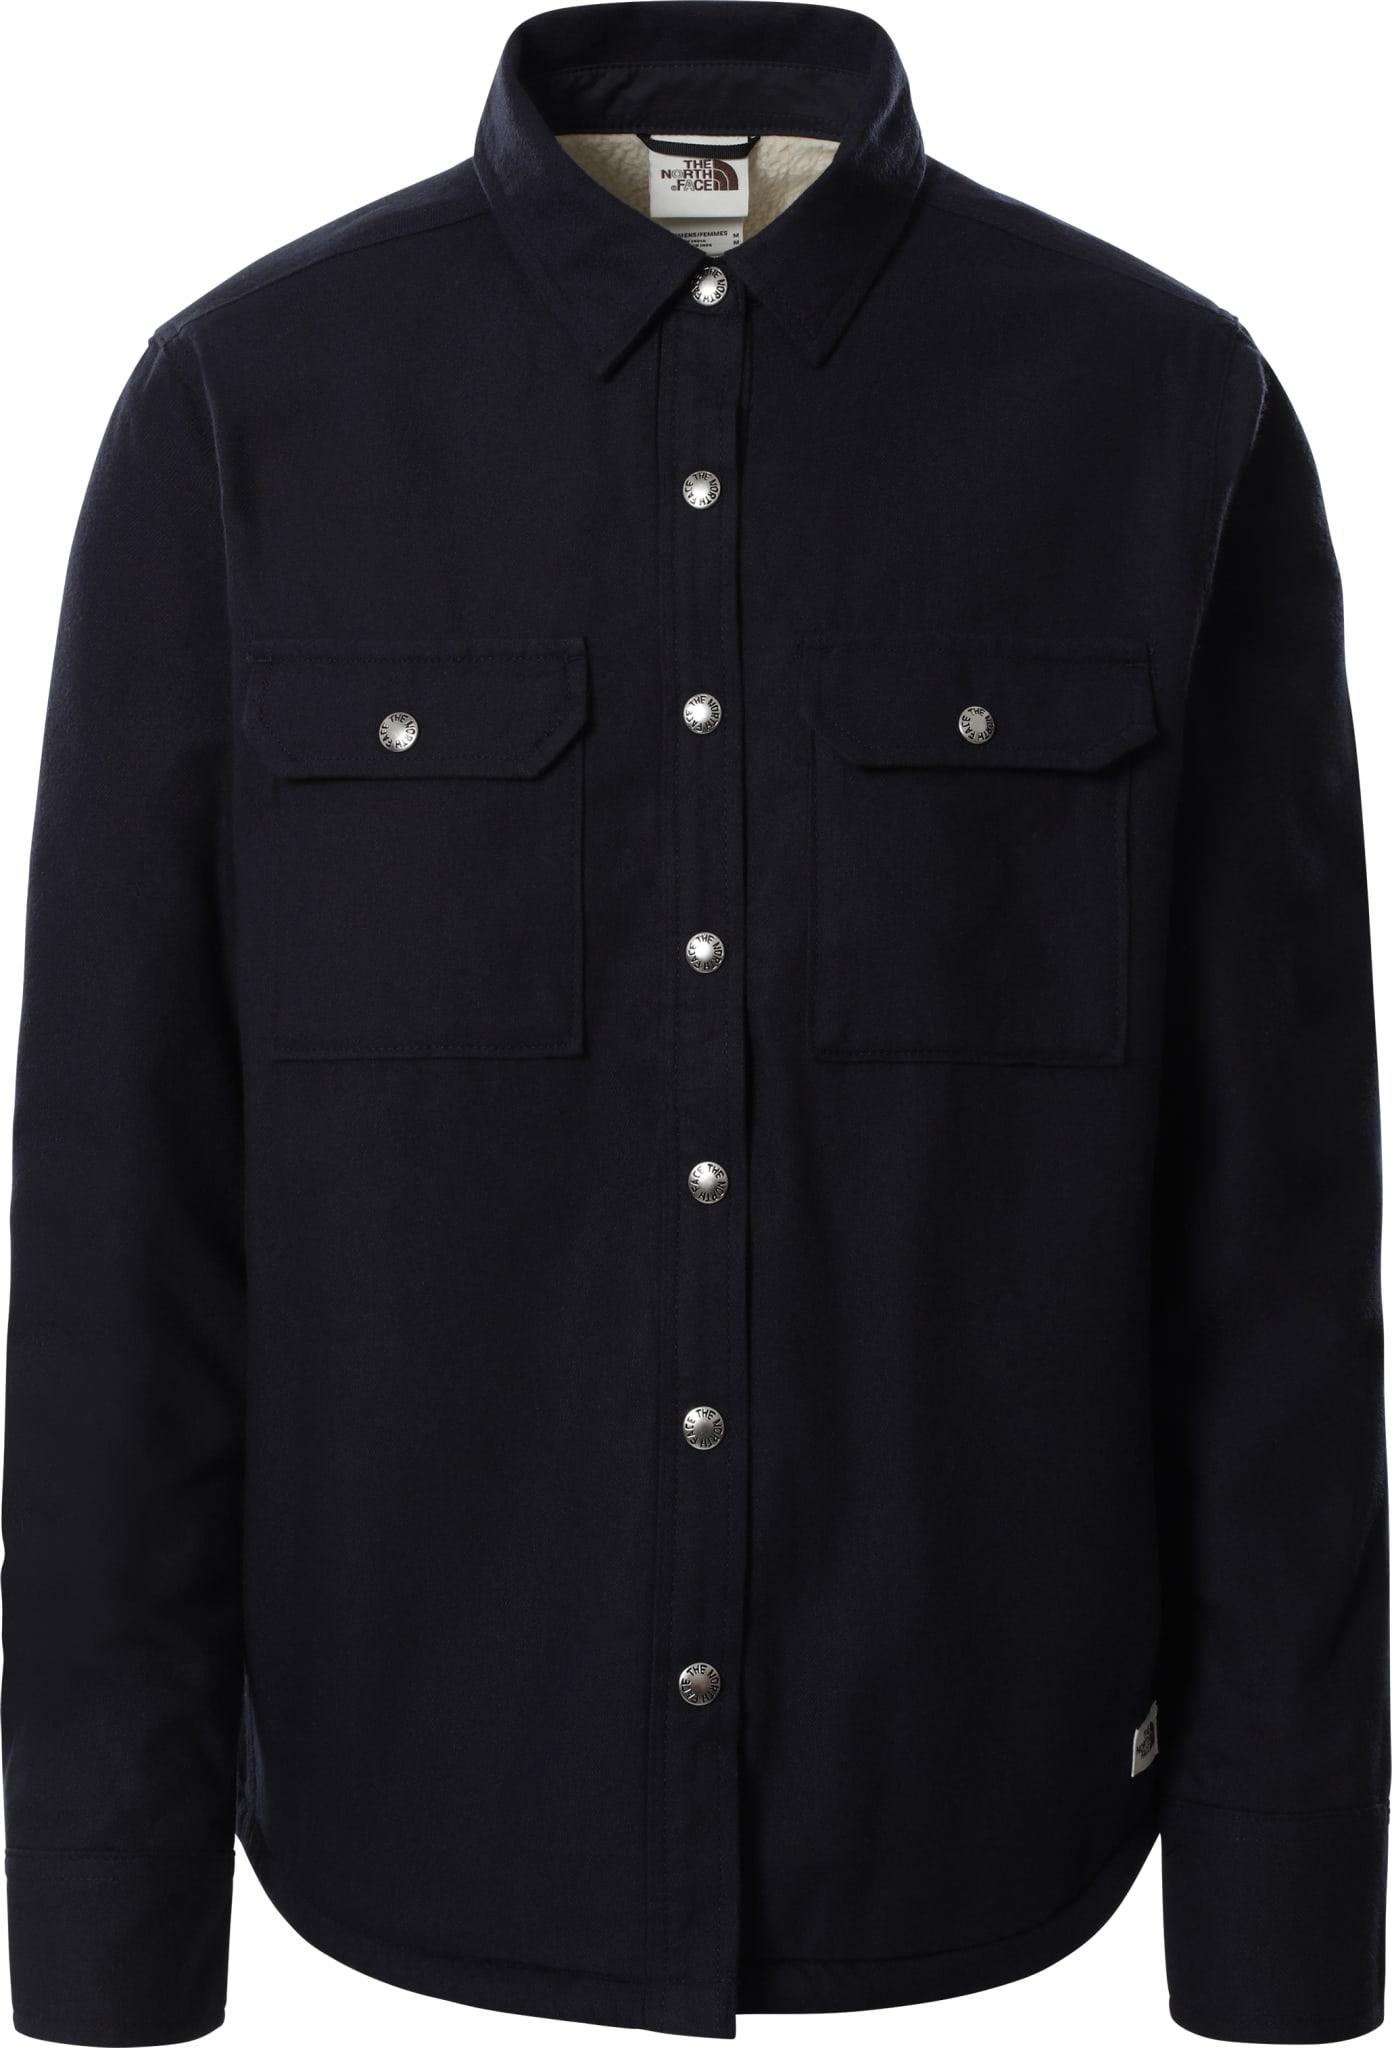 Varm og kul skjorte med sherpa fleece!